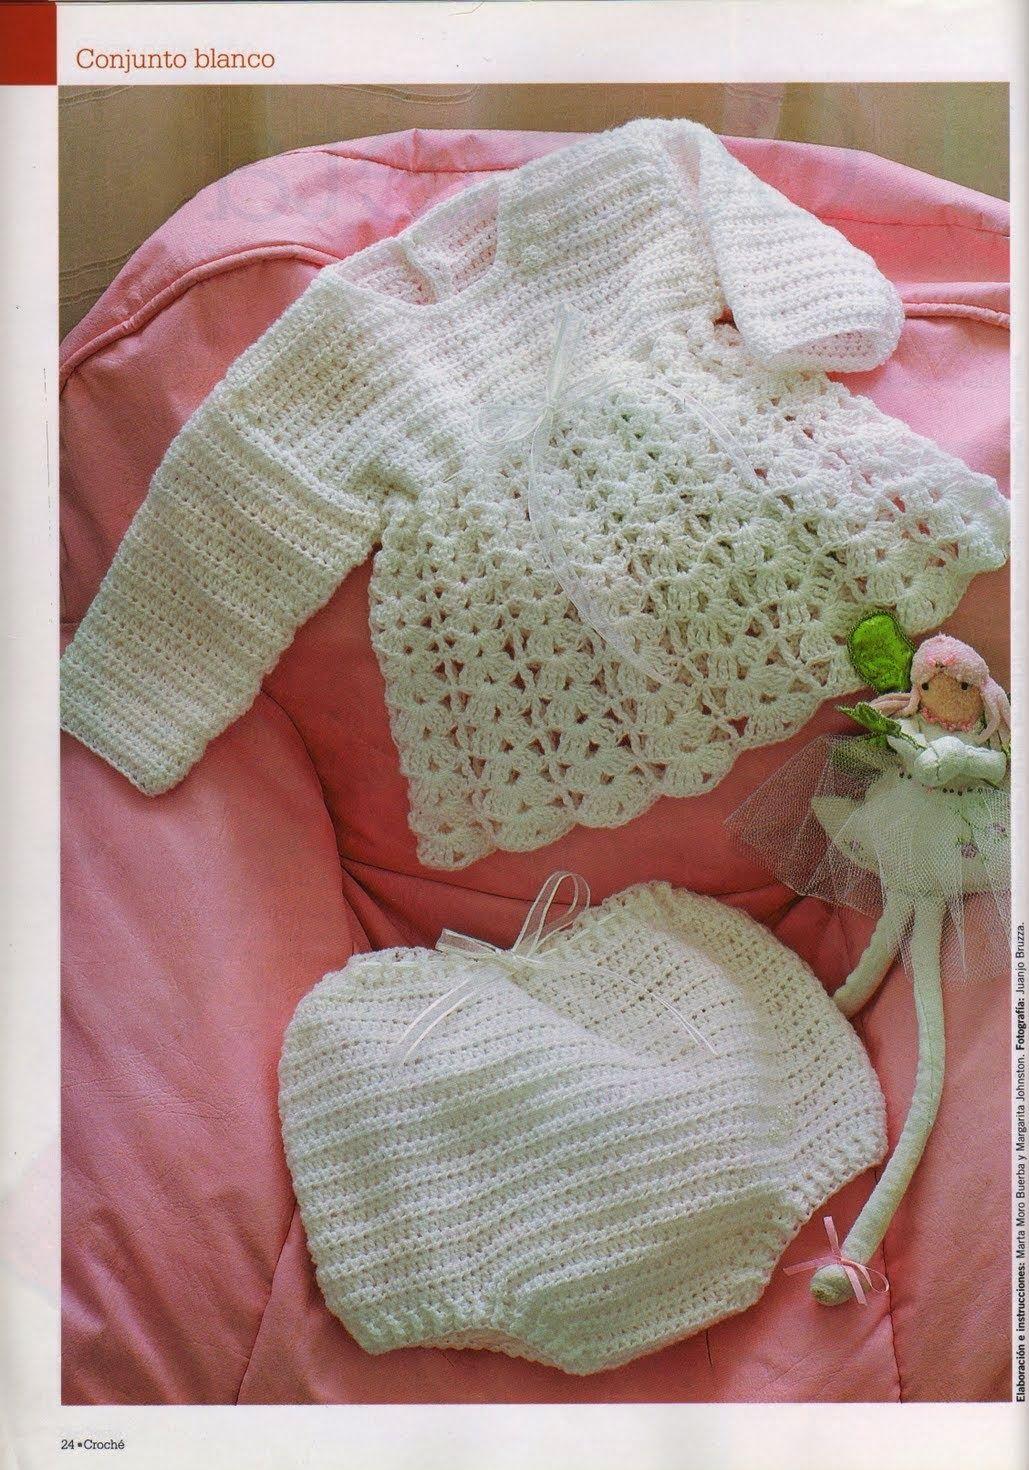 Único Patrón De Crochet Exagerada Ondulación Libre Ideas - Ideas de ...